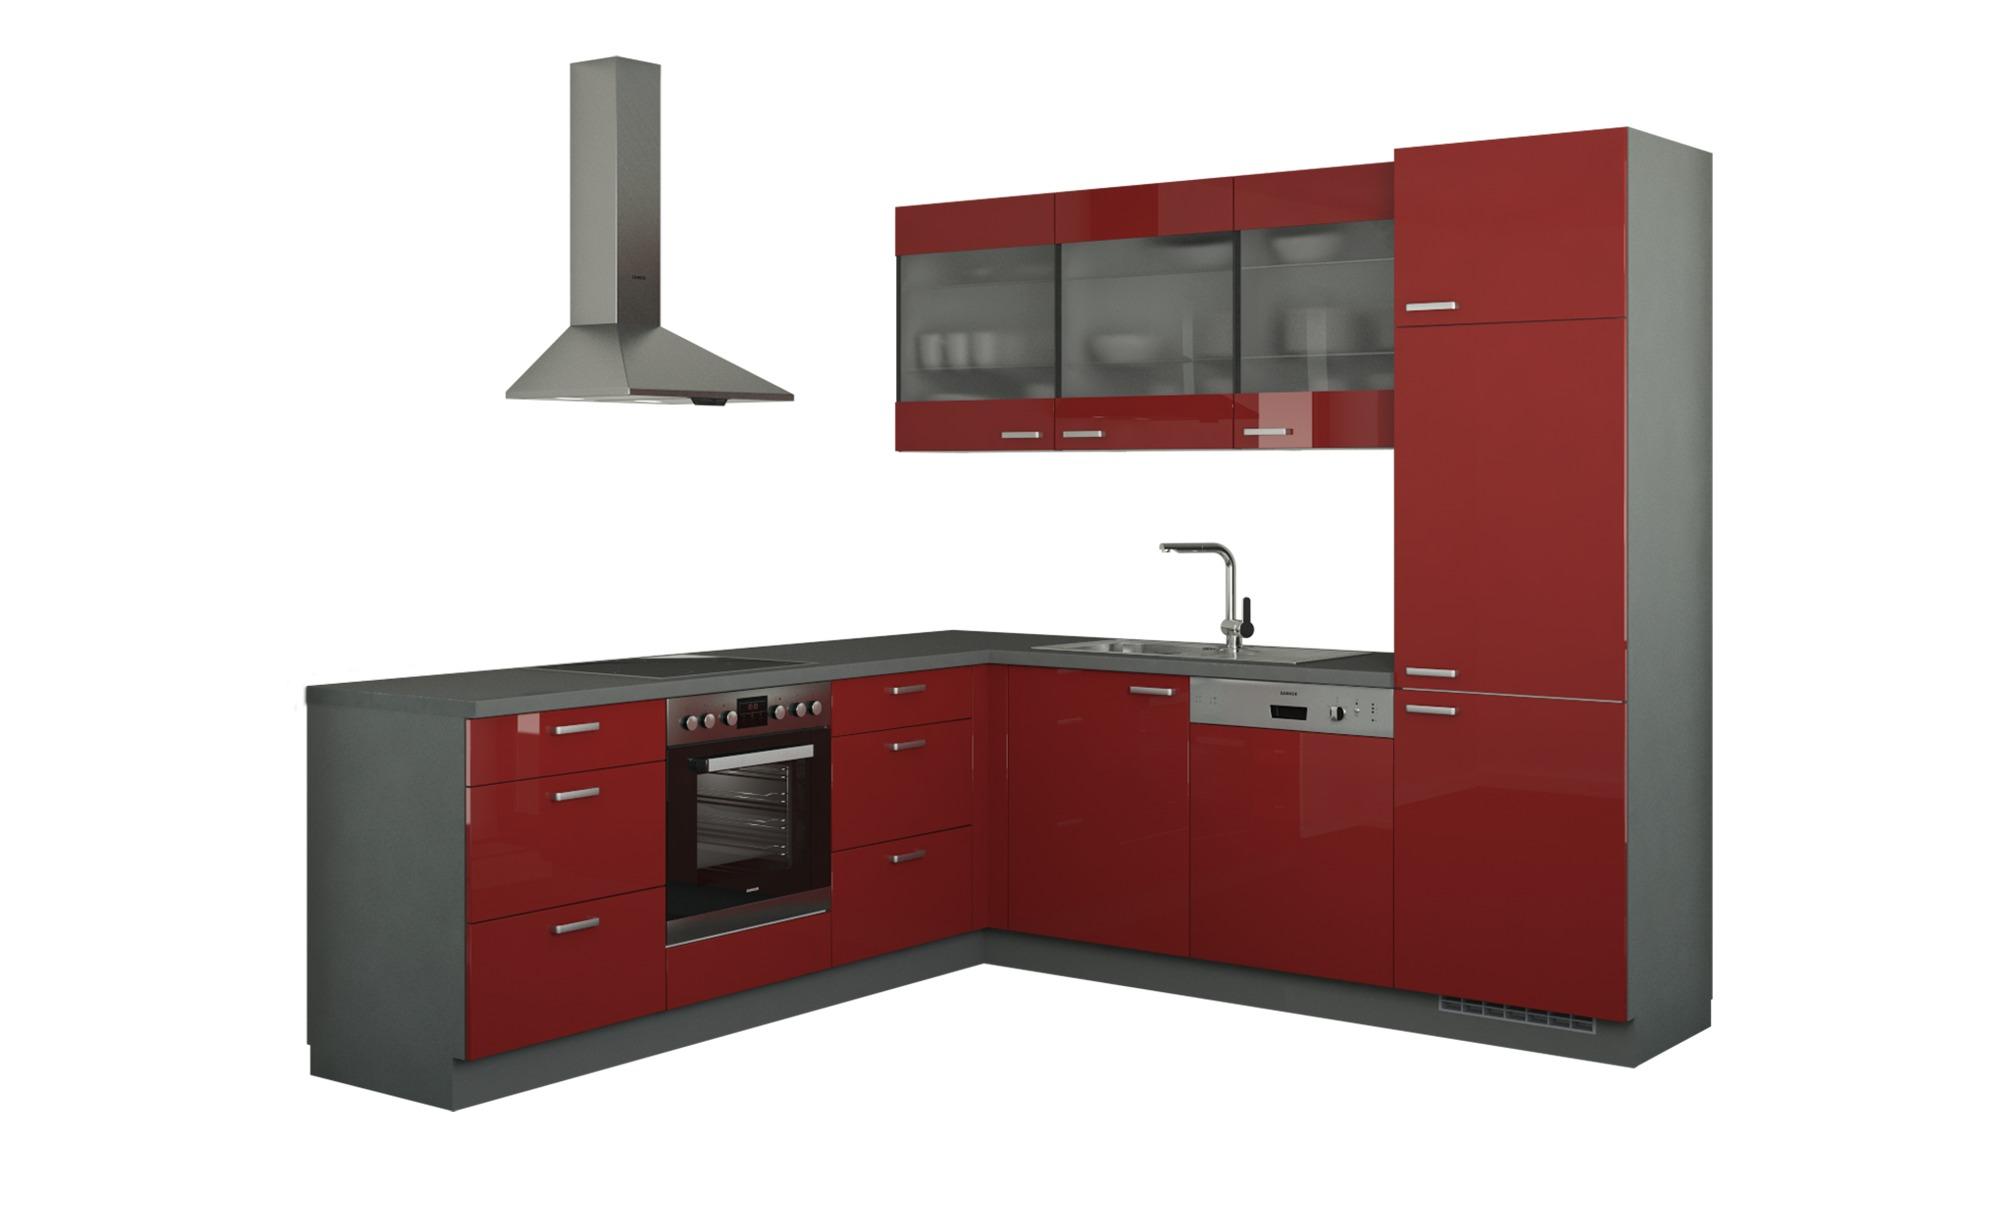 Winkelküche ohne Elektrogeräte  Sylt ¦ rot Küchen > Küchenblöcke - Höffner